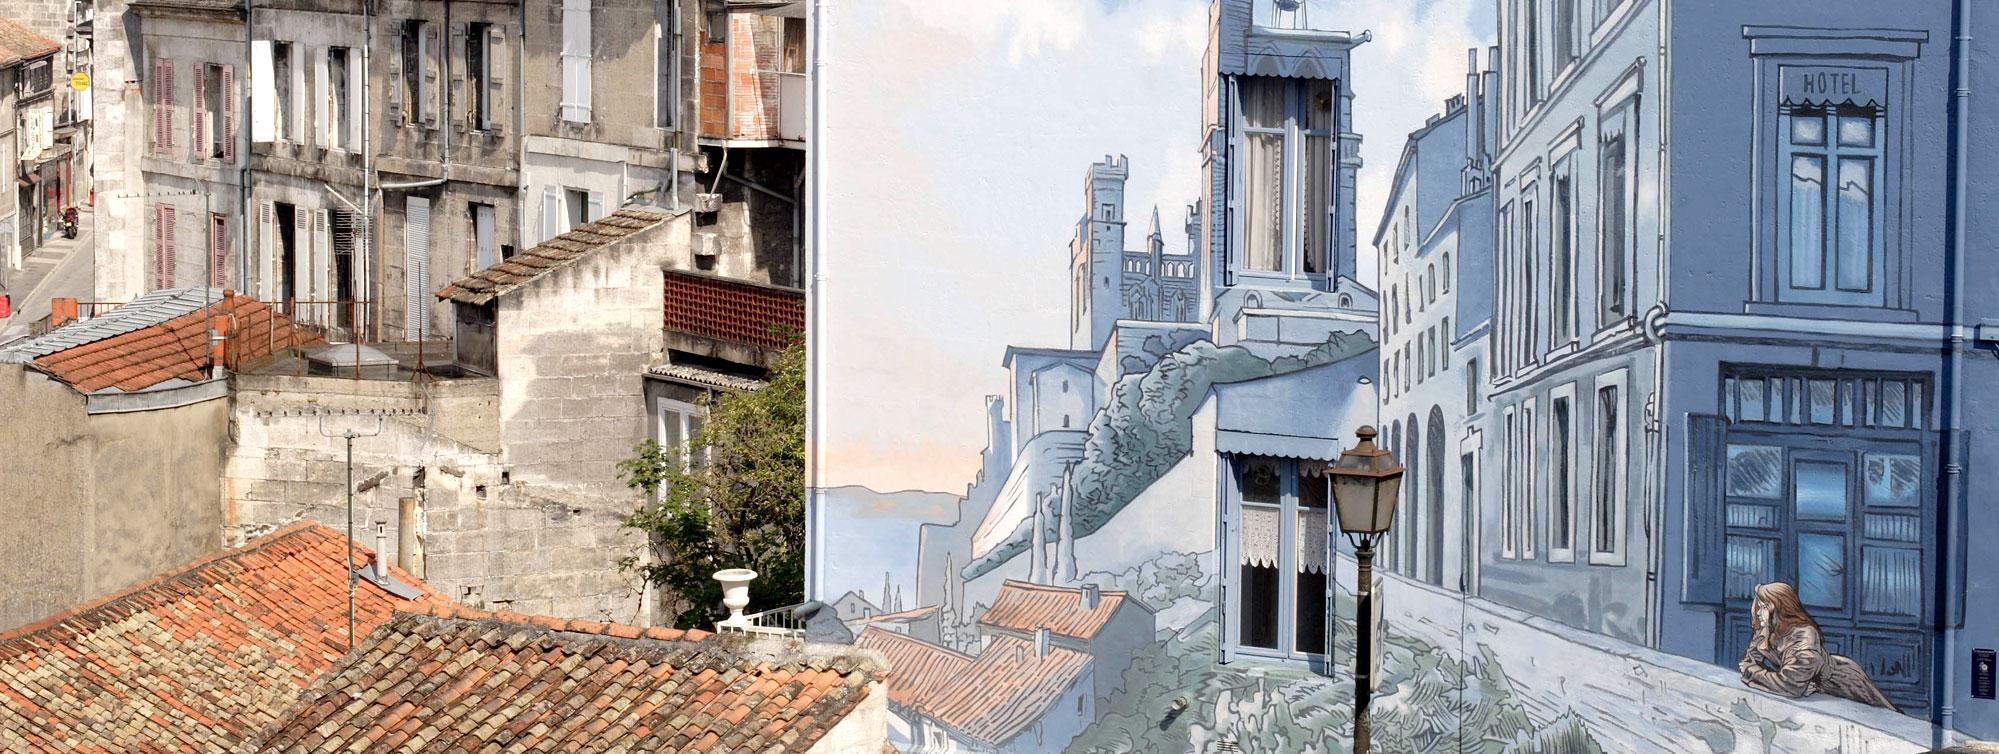 Chateau de Maumont : Mur BD peint Angouleme ©Chateau de Maumont